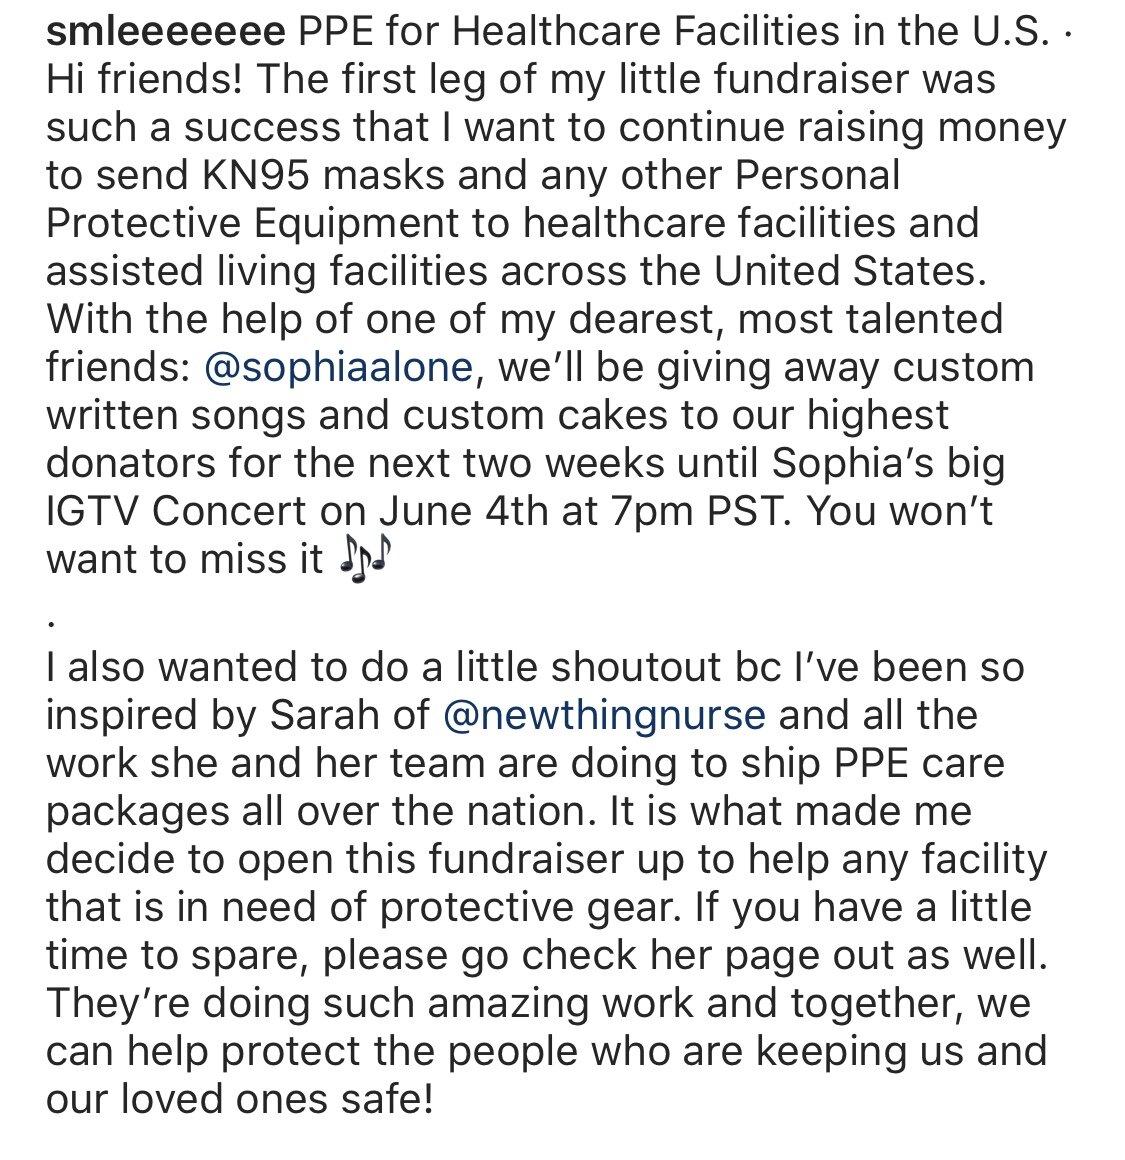 2020年5月21日:一位新万博官方app新事物护士追随者发起了她自己的募捐活动,将个人防护用品送到有需要的医疗机构,并向NTN大喊,以此激励她的努力。❤️